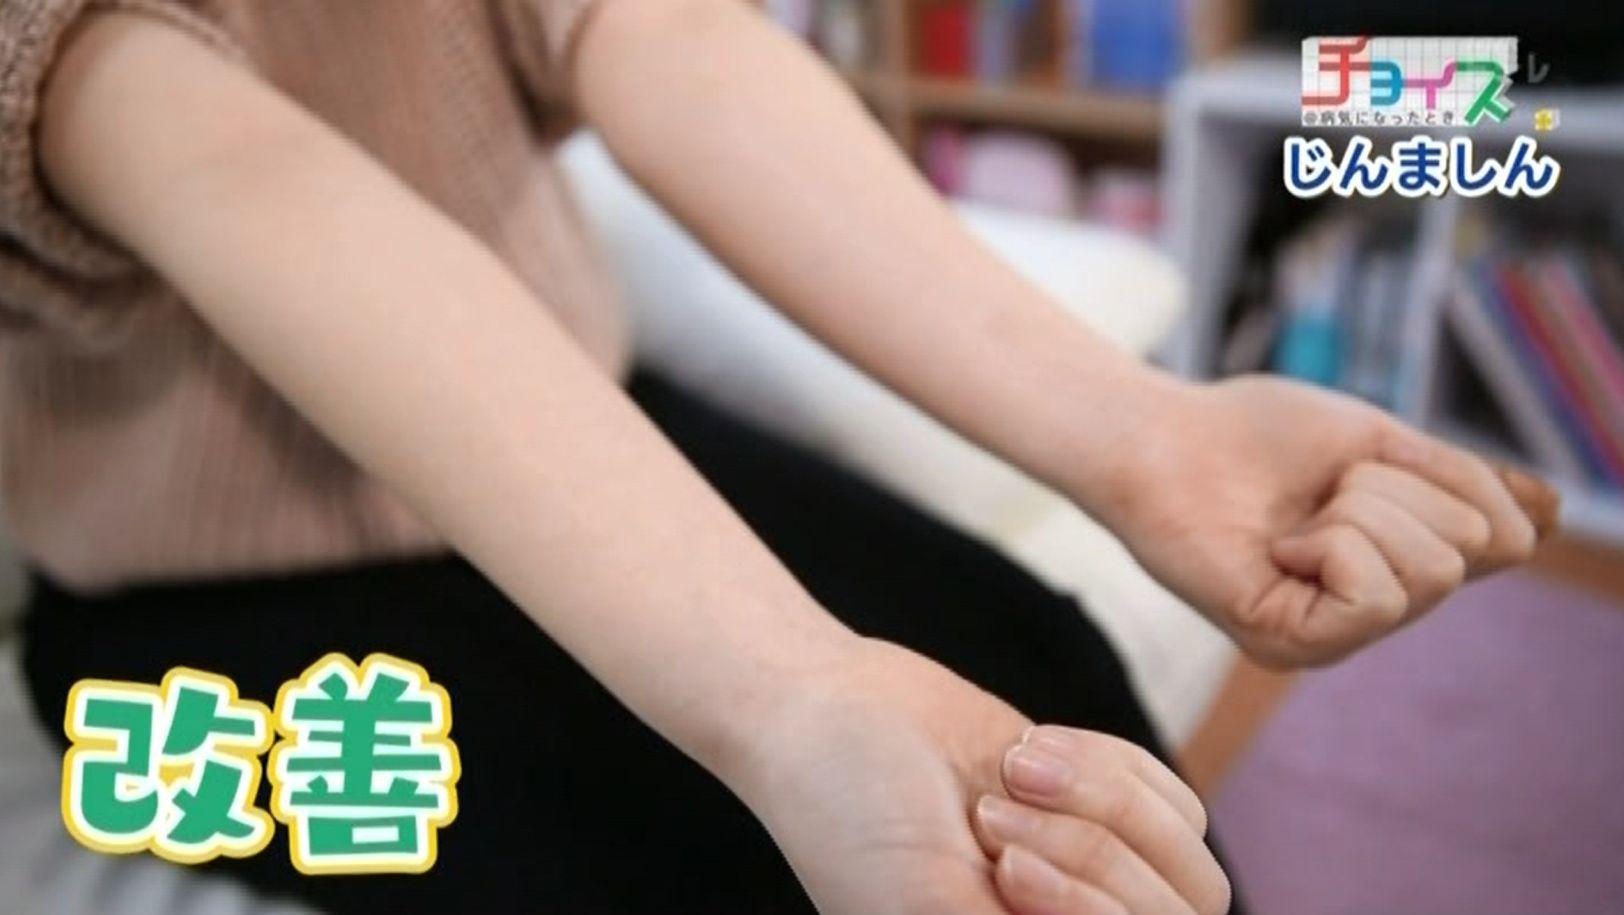 症状が劇的に改善した杉山さんの腕の写真